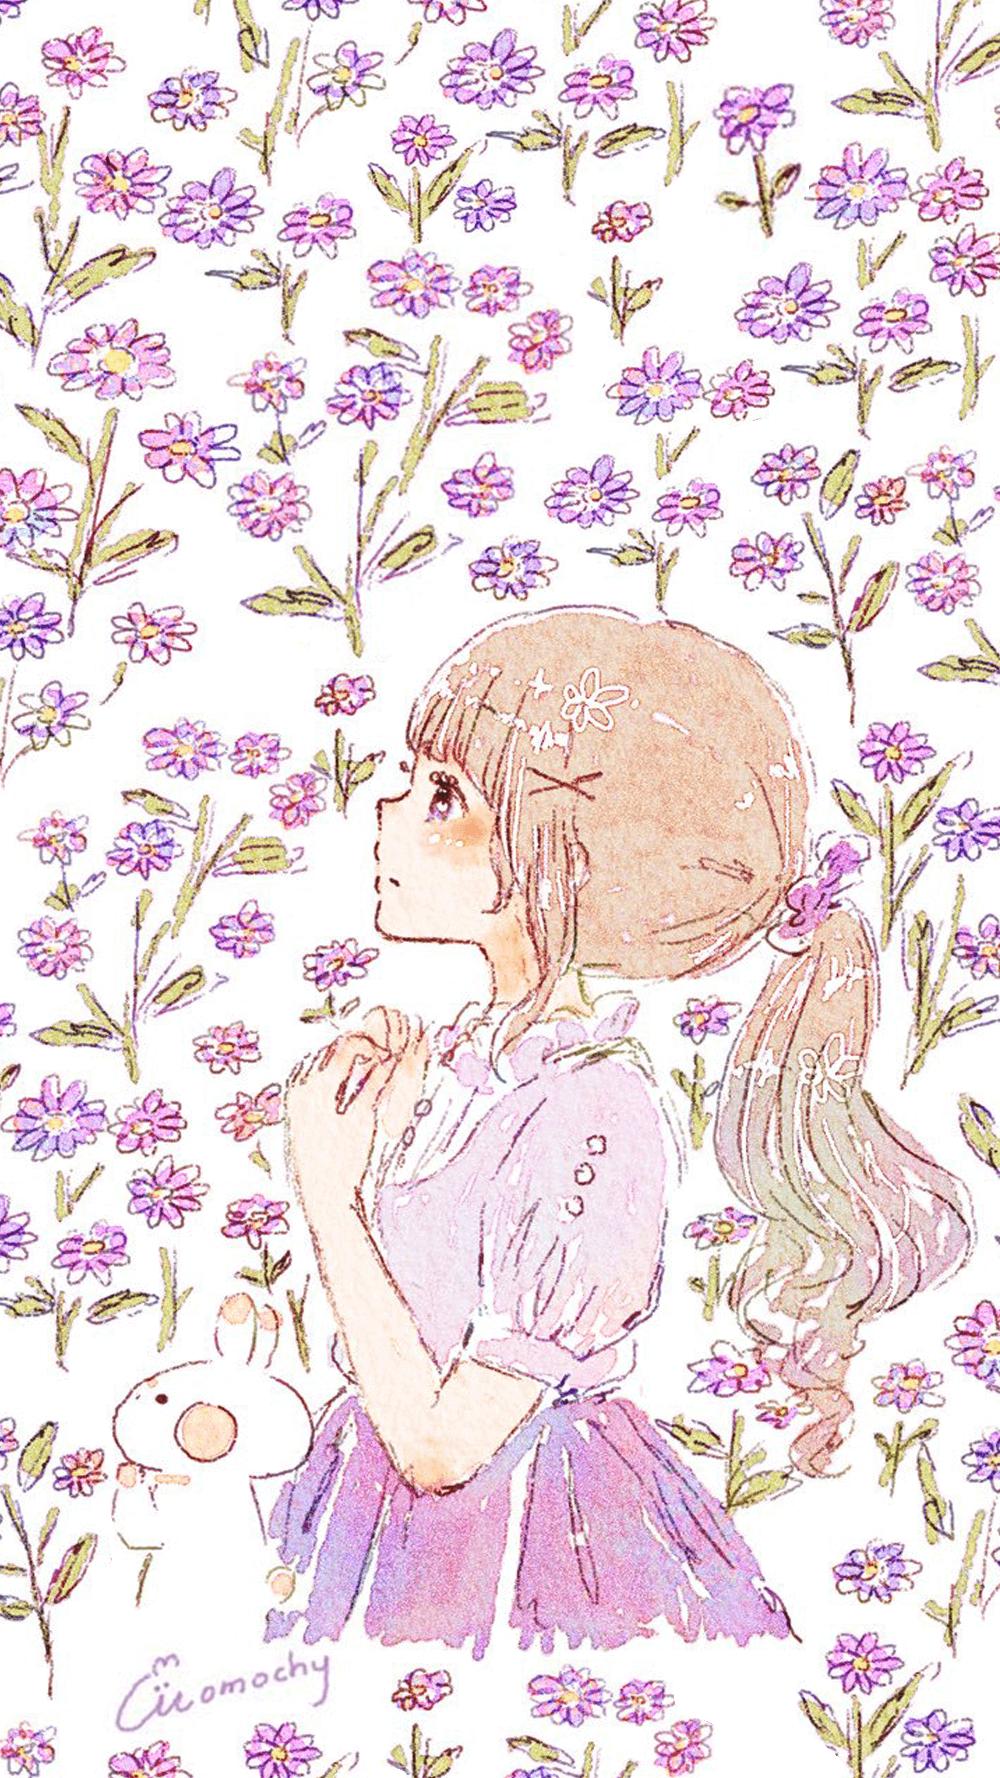 シオン 紫苑 オニノシコグサ 鬼の醜草 の花言葉 9月9日の誕生花